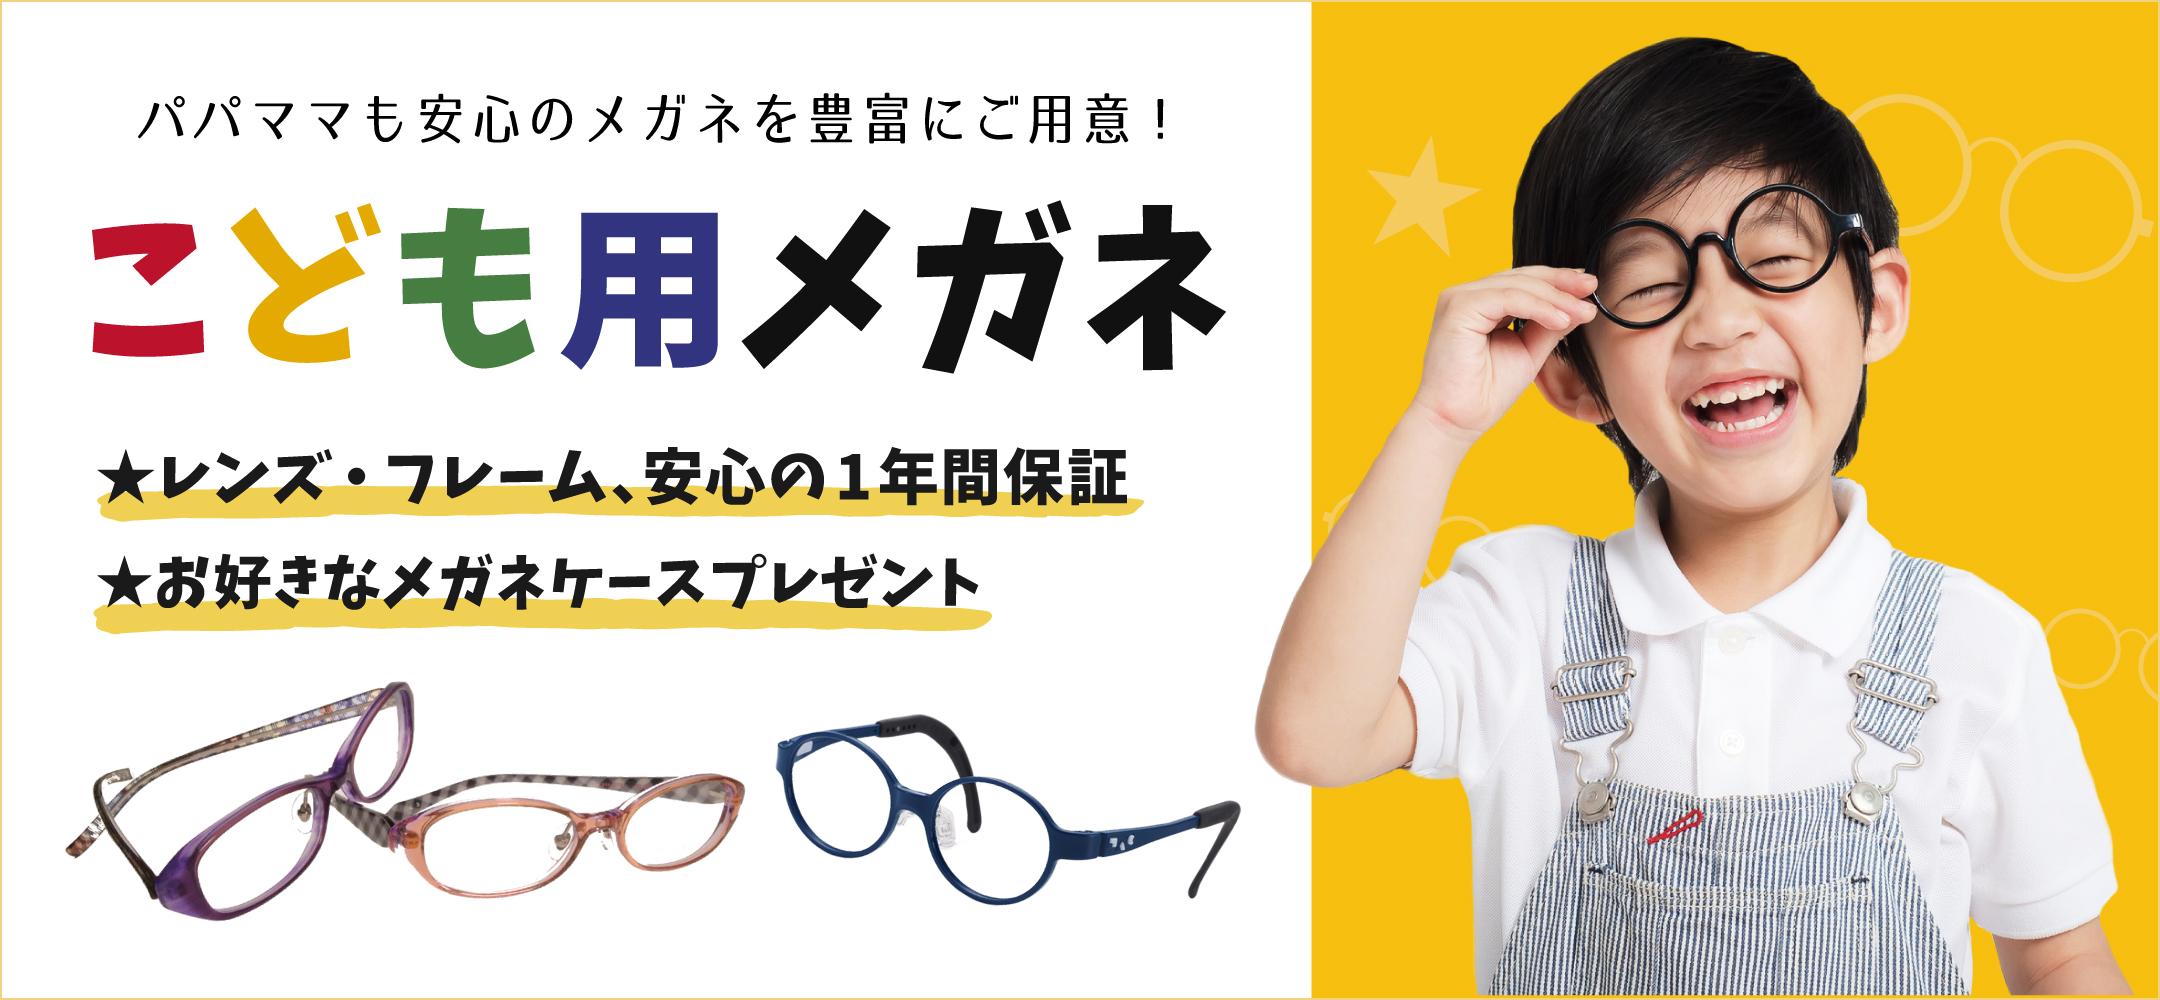 パパママも安心のメガネを豊富にご用意!「こども用メガネ」レンズ・フレーム、安心の1年間保証!お好きなメガネケースもプレゼントいたします。